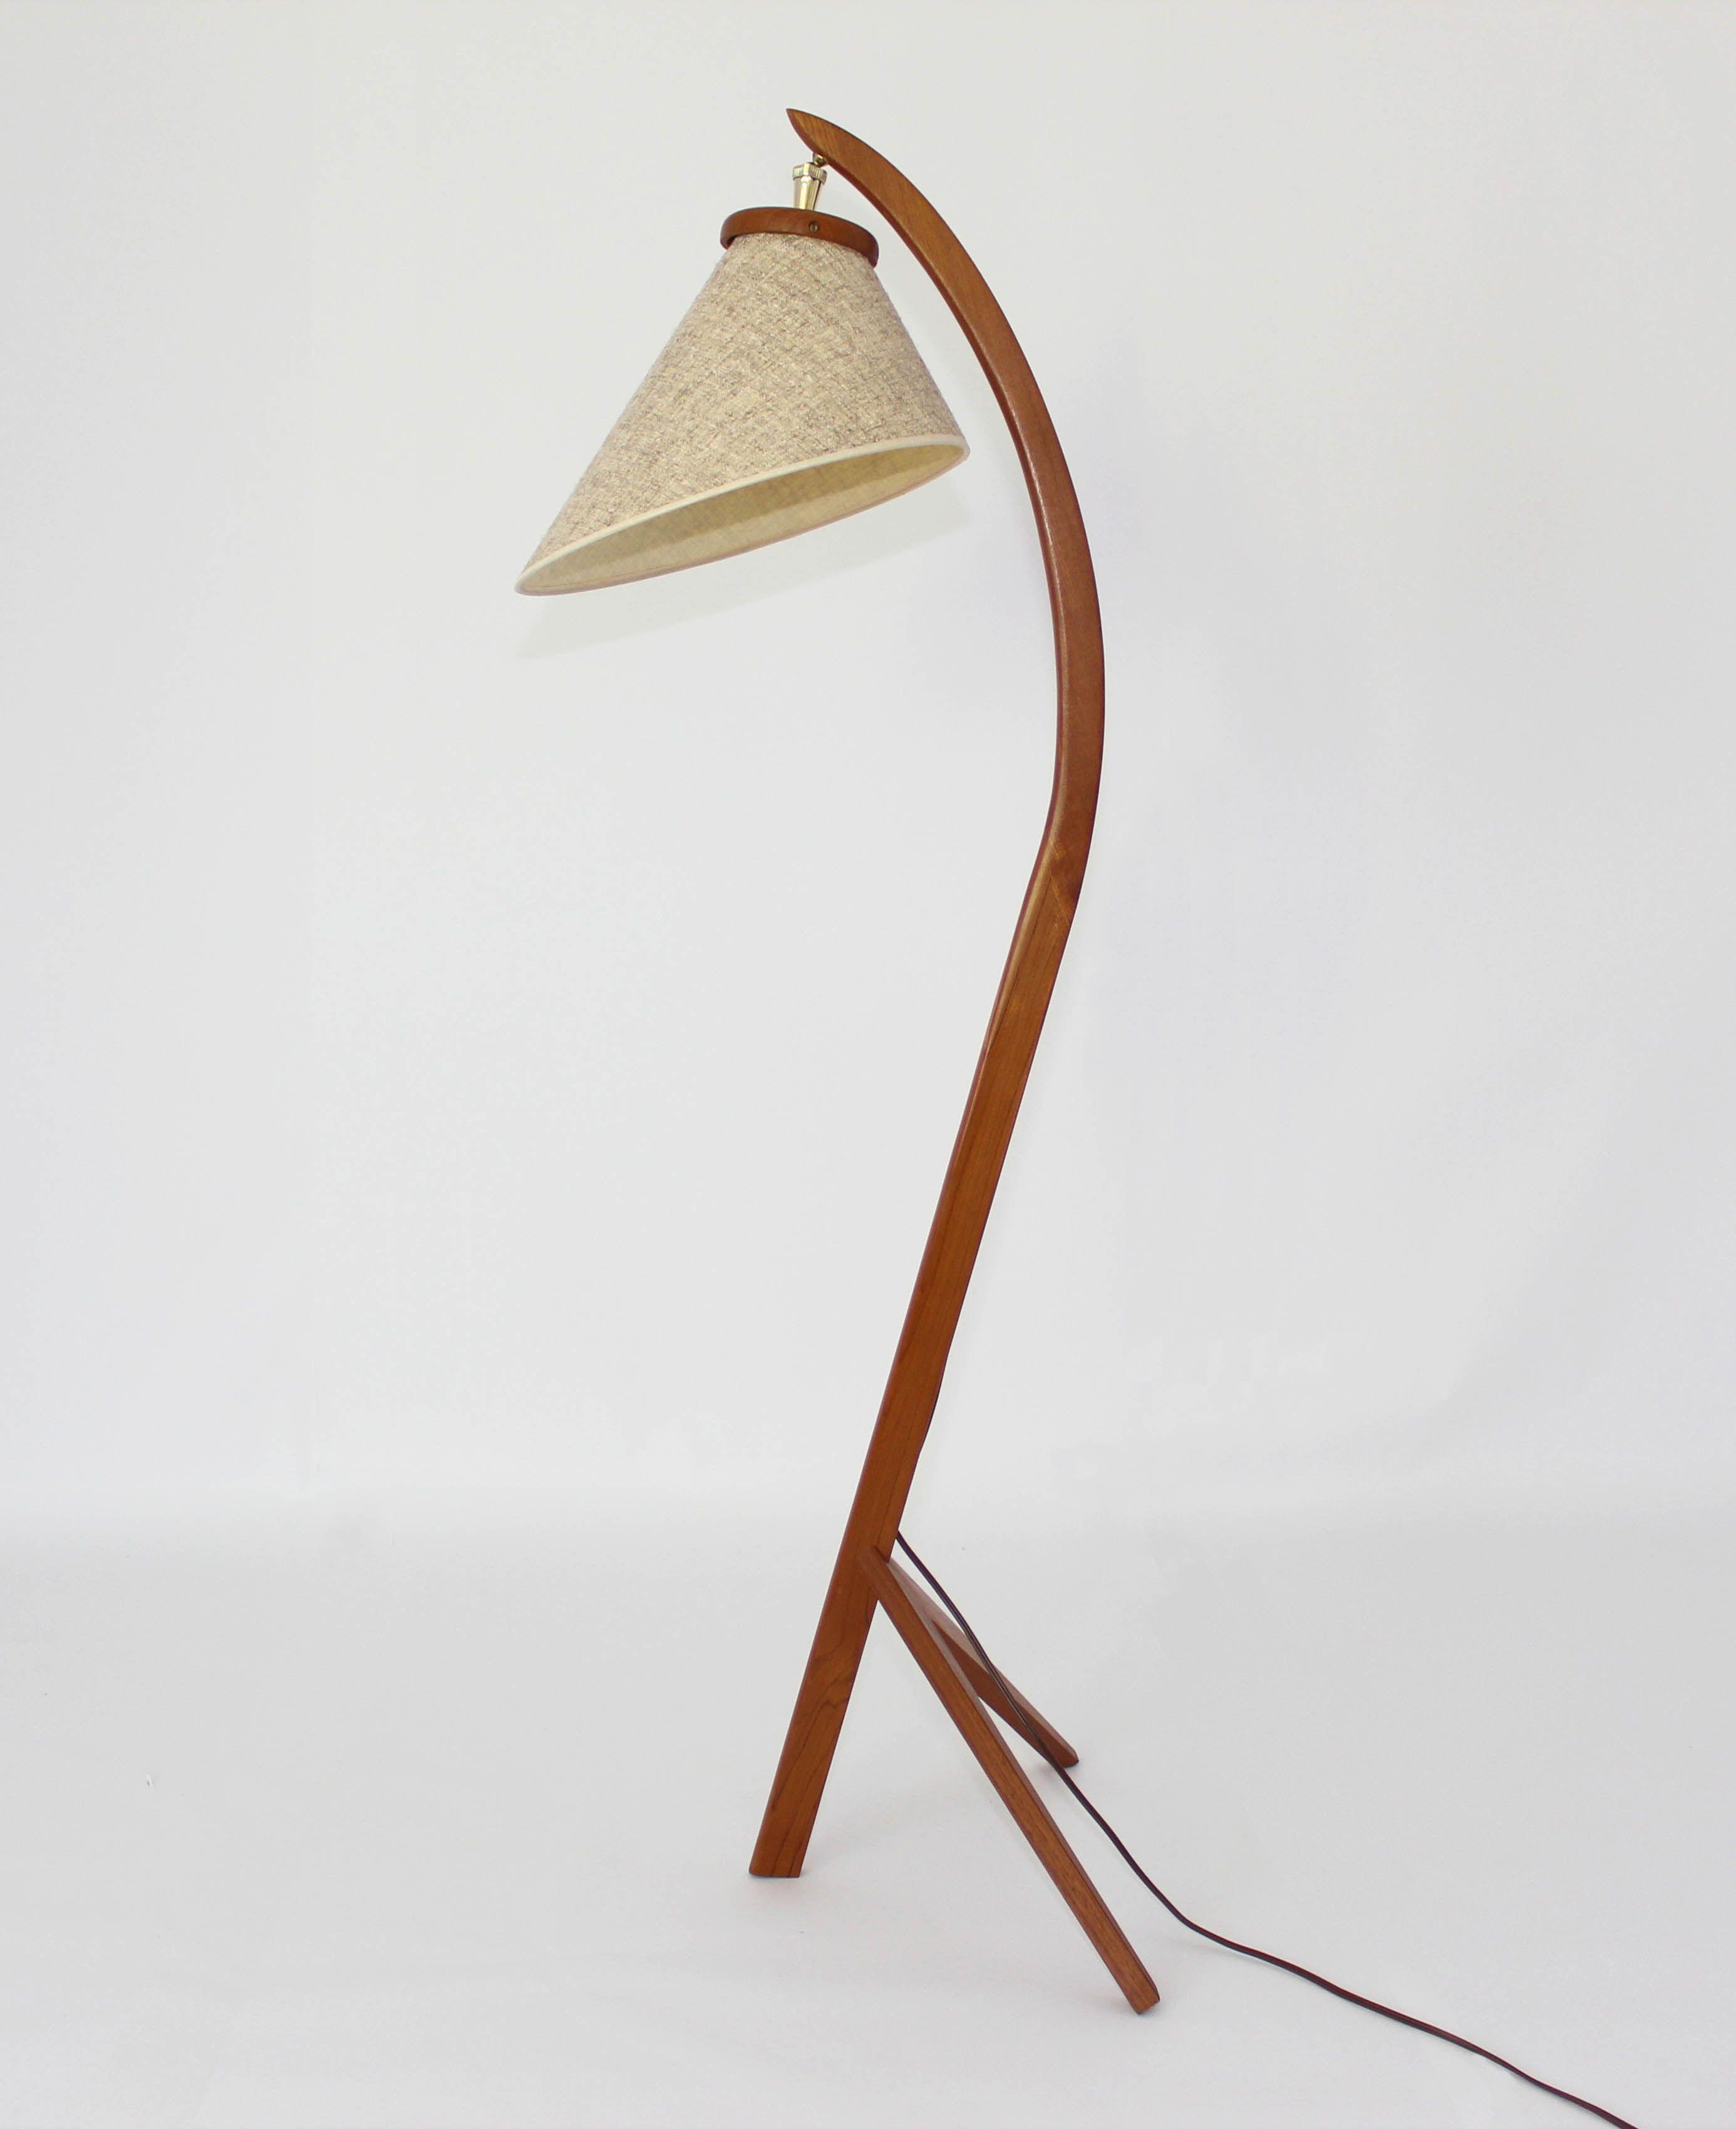 Herman Miller White Chair Stuhlede Com Mid Century Modern Floor Lamps Mid Century Floor Lamps Modern Floor Lamps